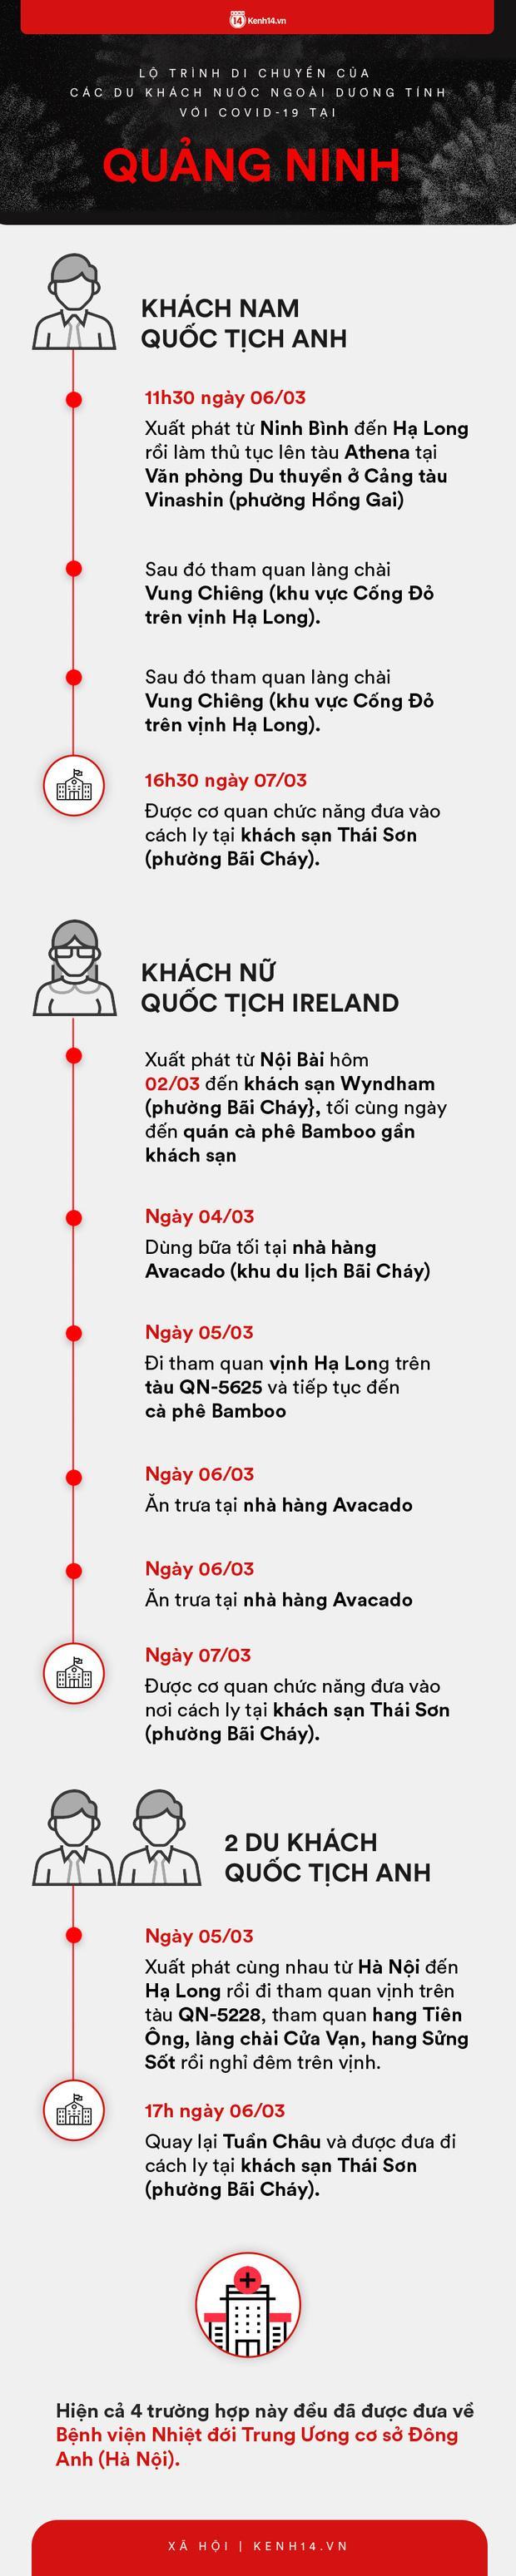 10 tỉnh, thành phố ở Việt Nam có ca dương tính virus corona-4